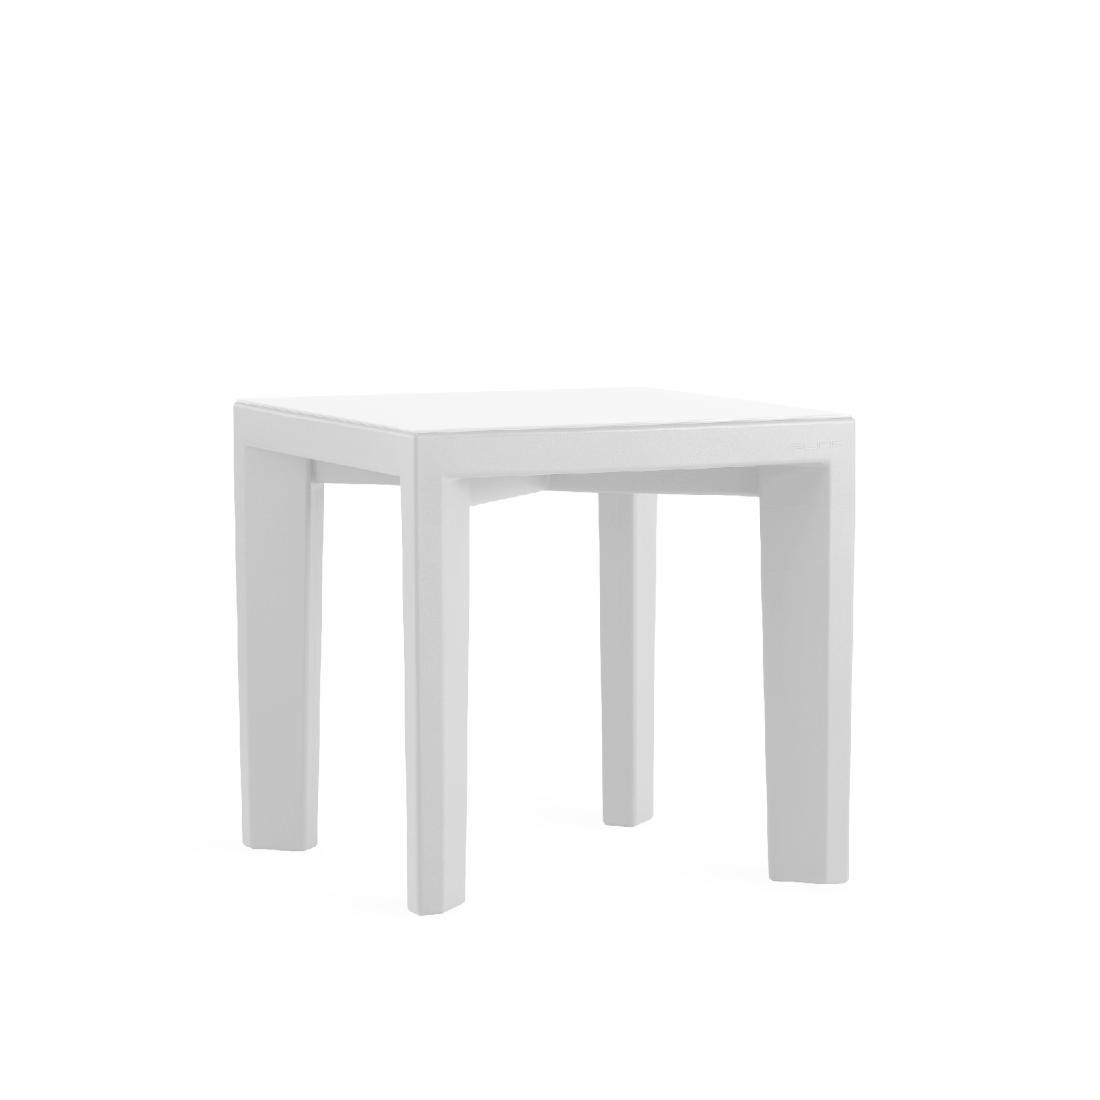 GINO Tisch weiß lackiert